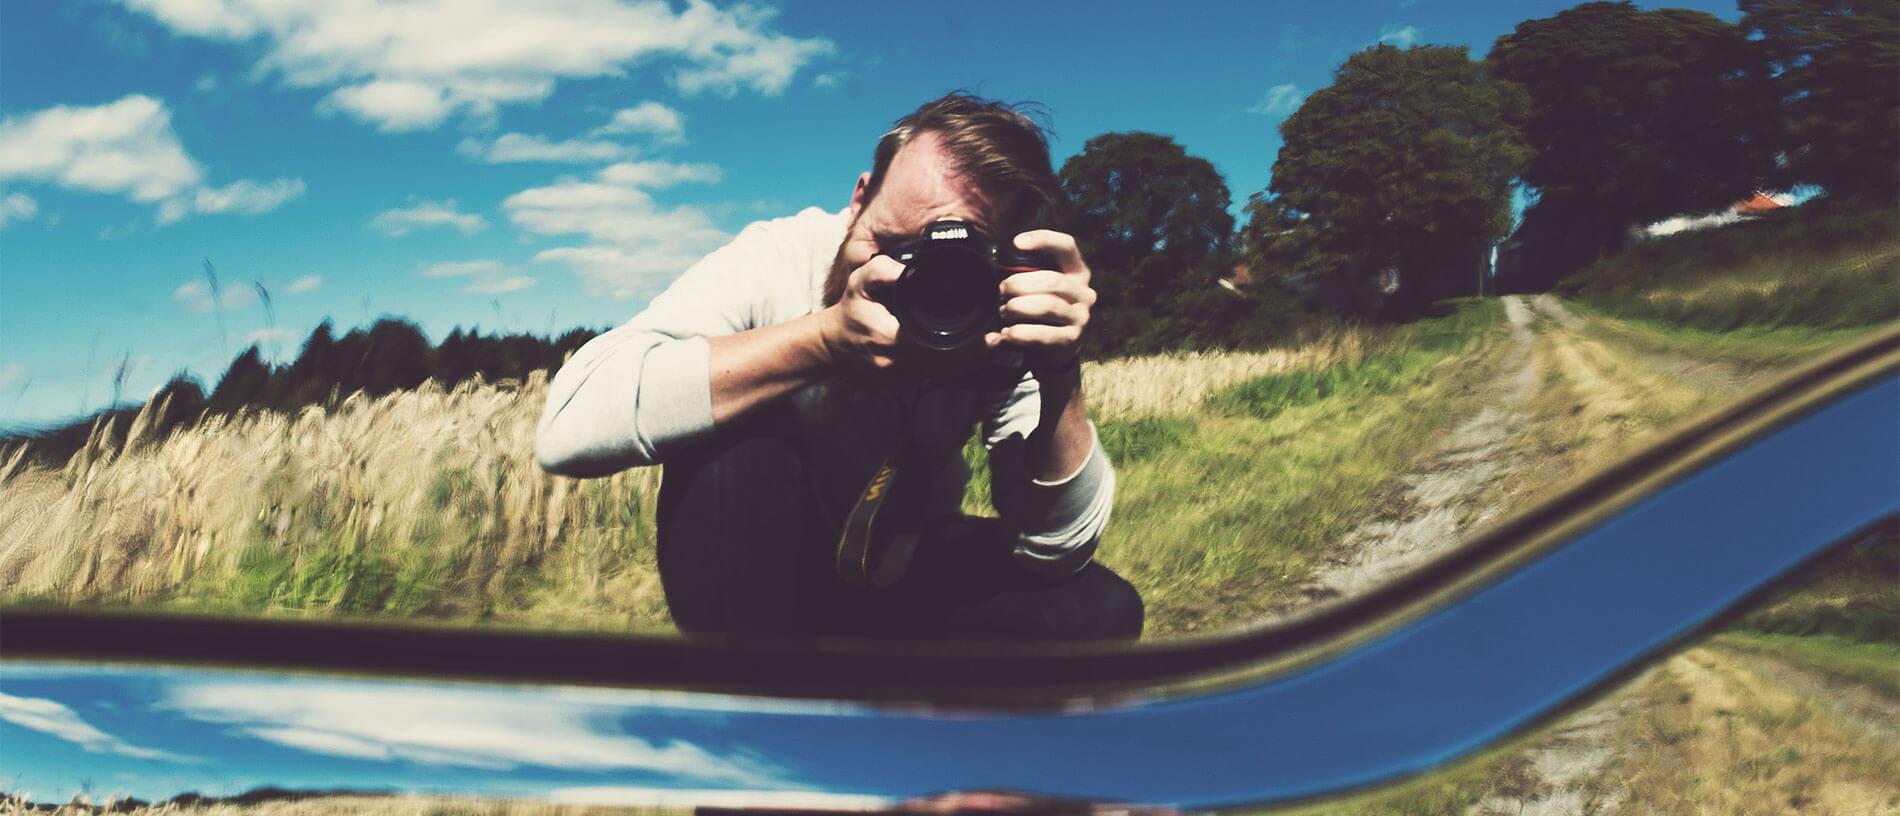 Hvorfor velge profesjonell fotograf?